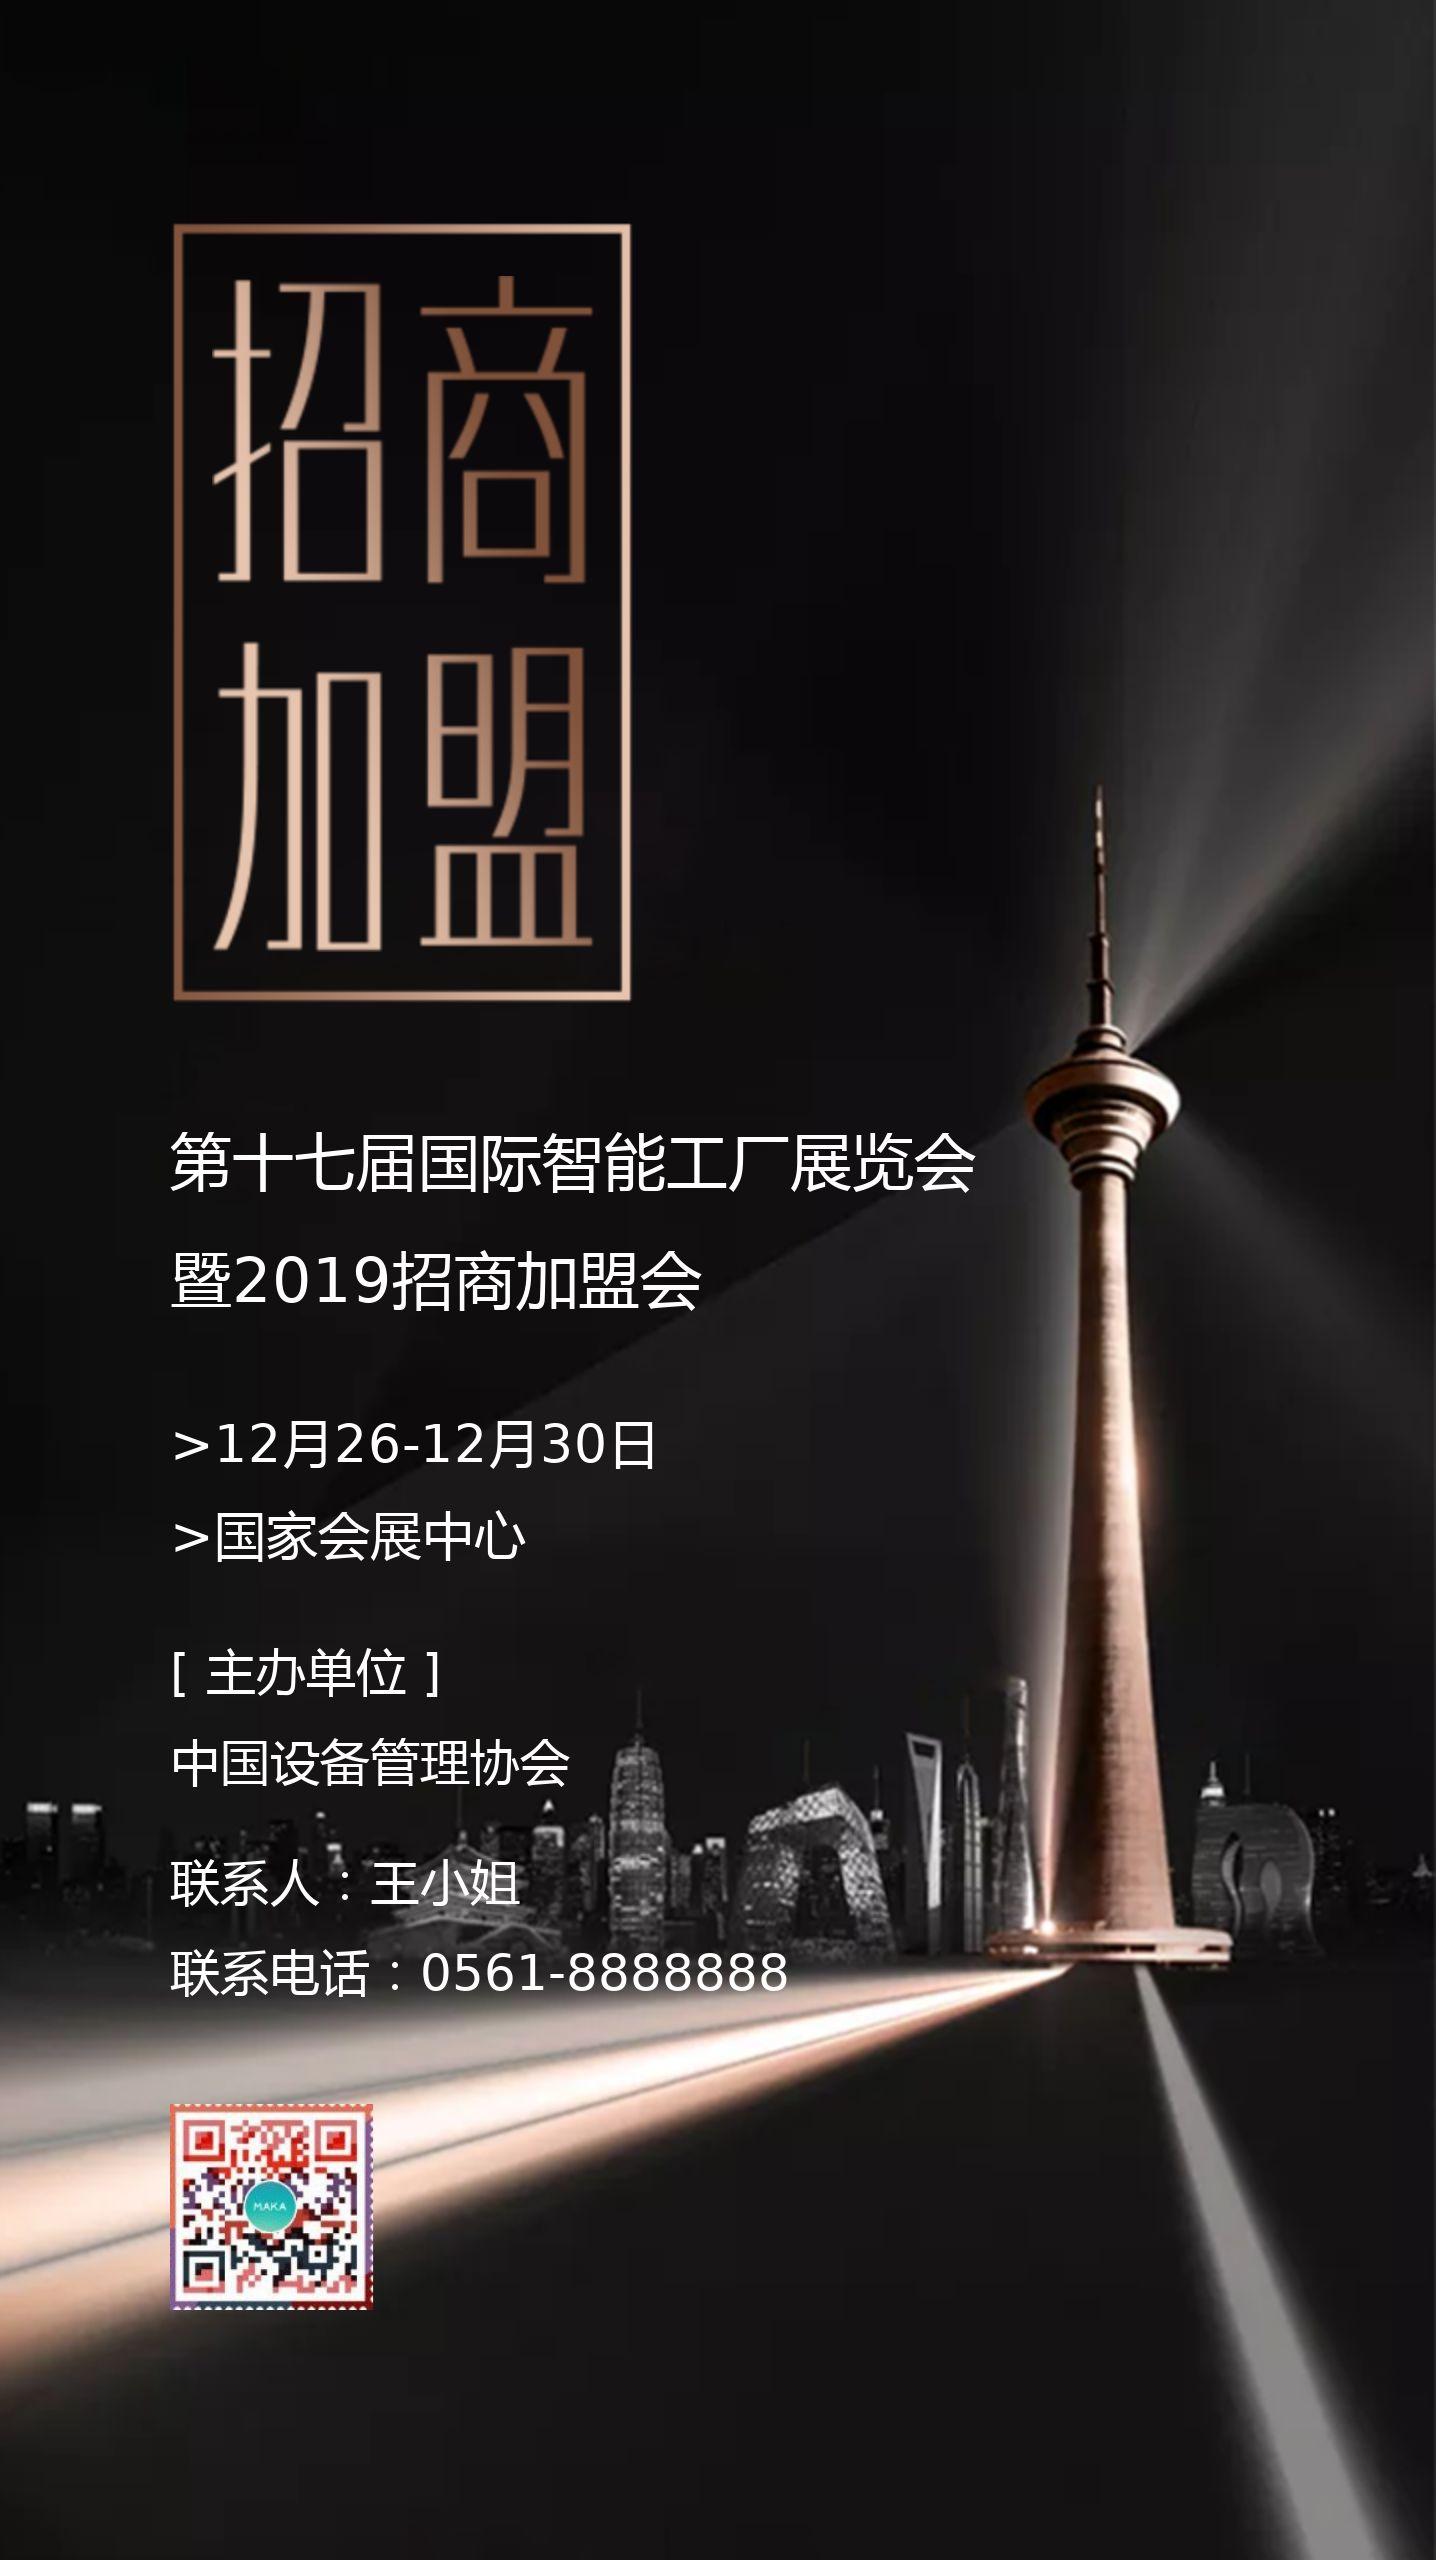 黑色大气招商加盟展览会企业通用邀请函海报